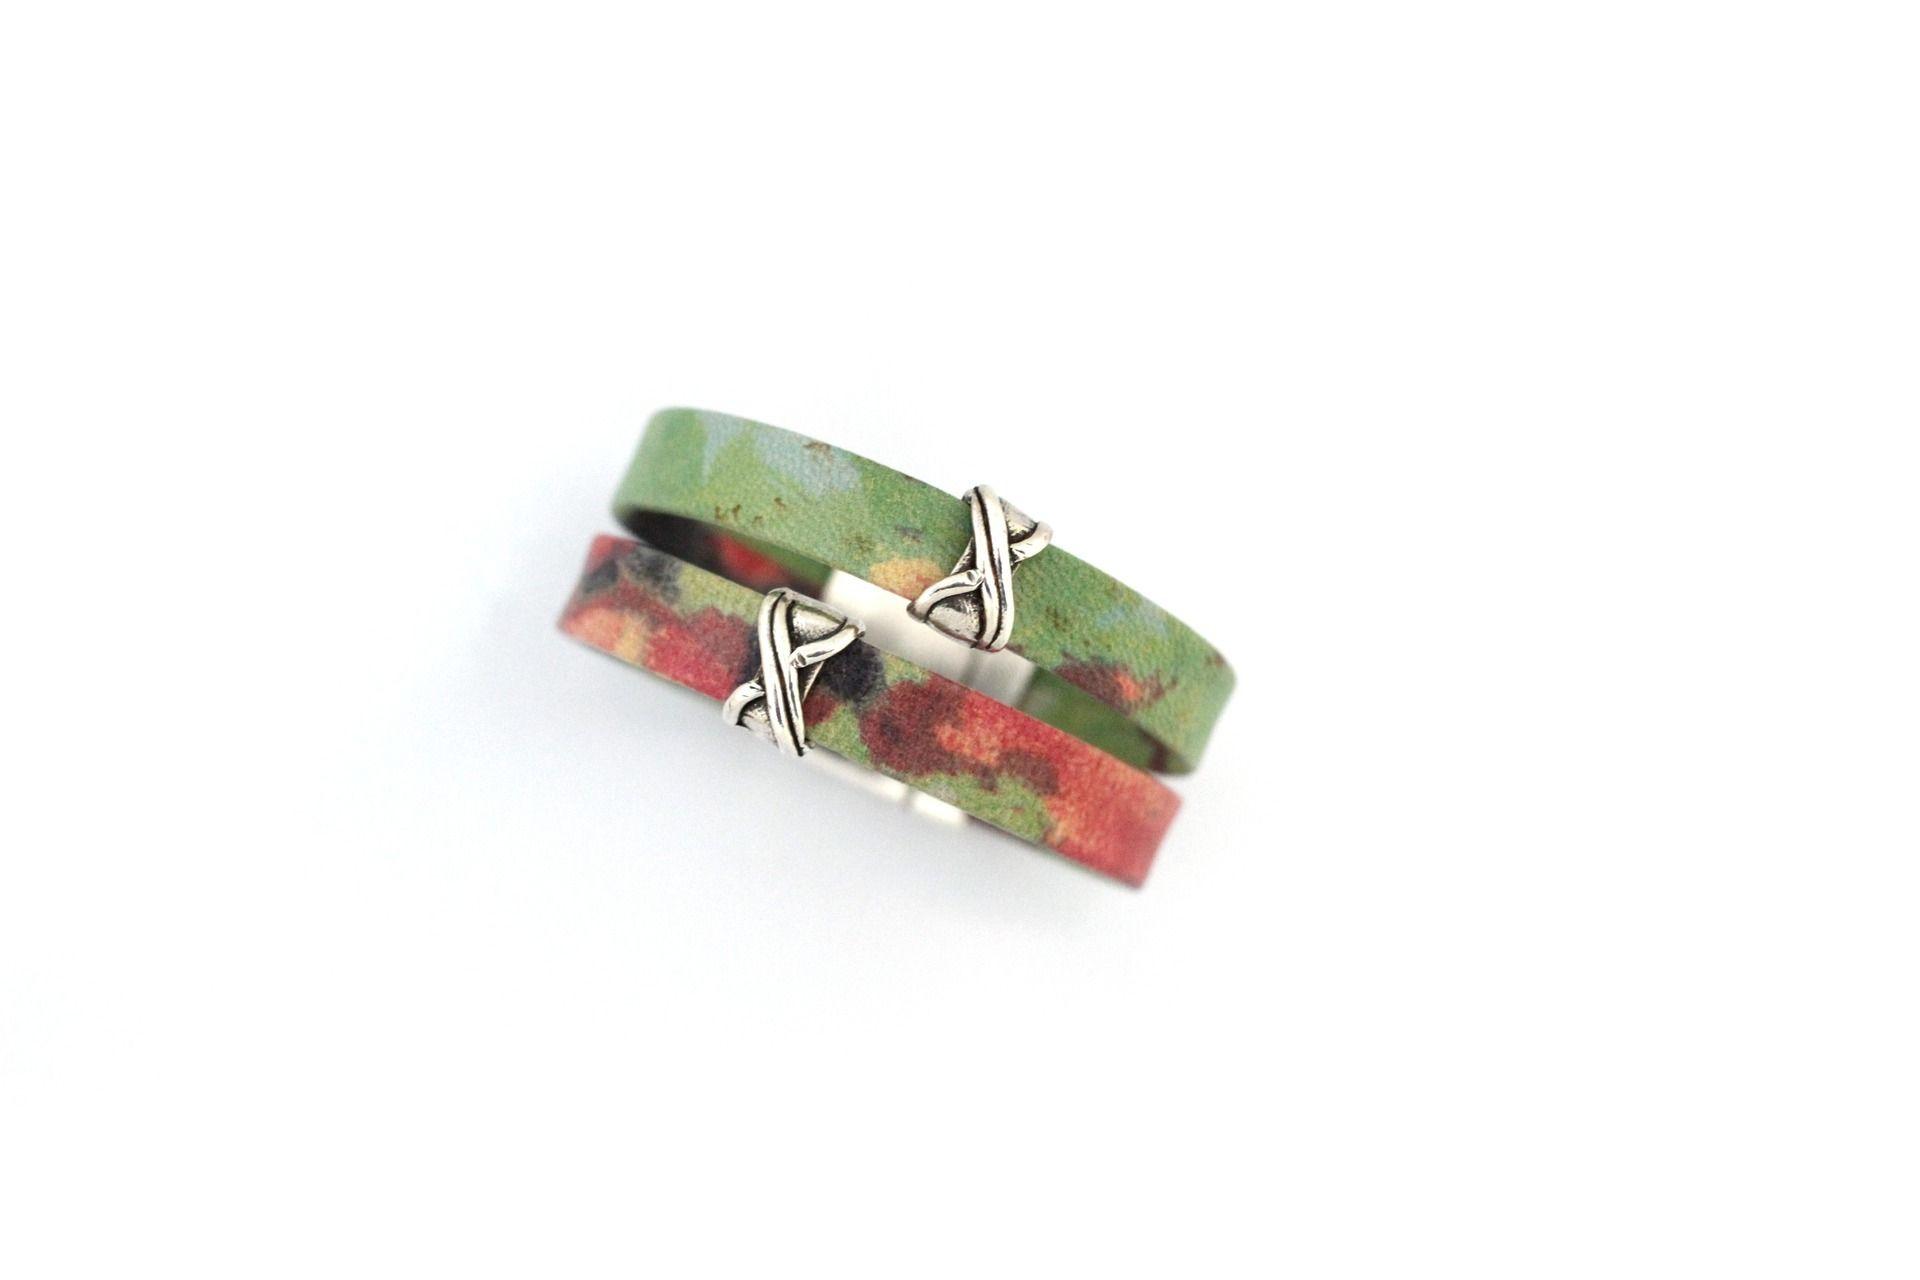 Bracelet Cuirs motif Vert Fuchsia passants en étain (Taille personnalisable à la commande) : Bracelet par creea2-atelier